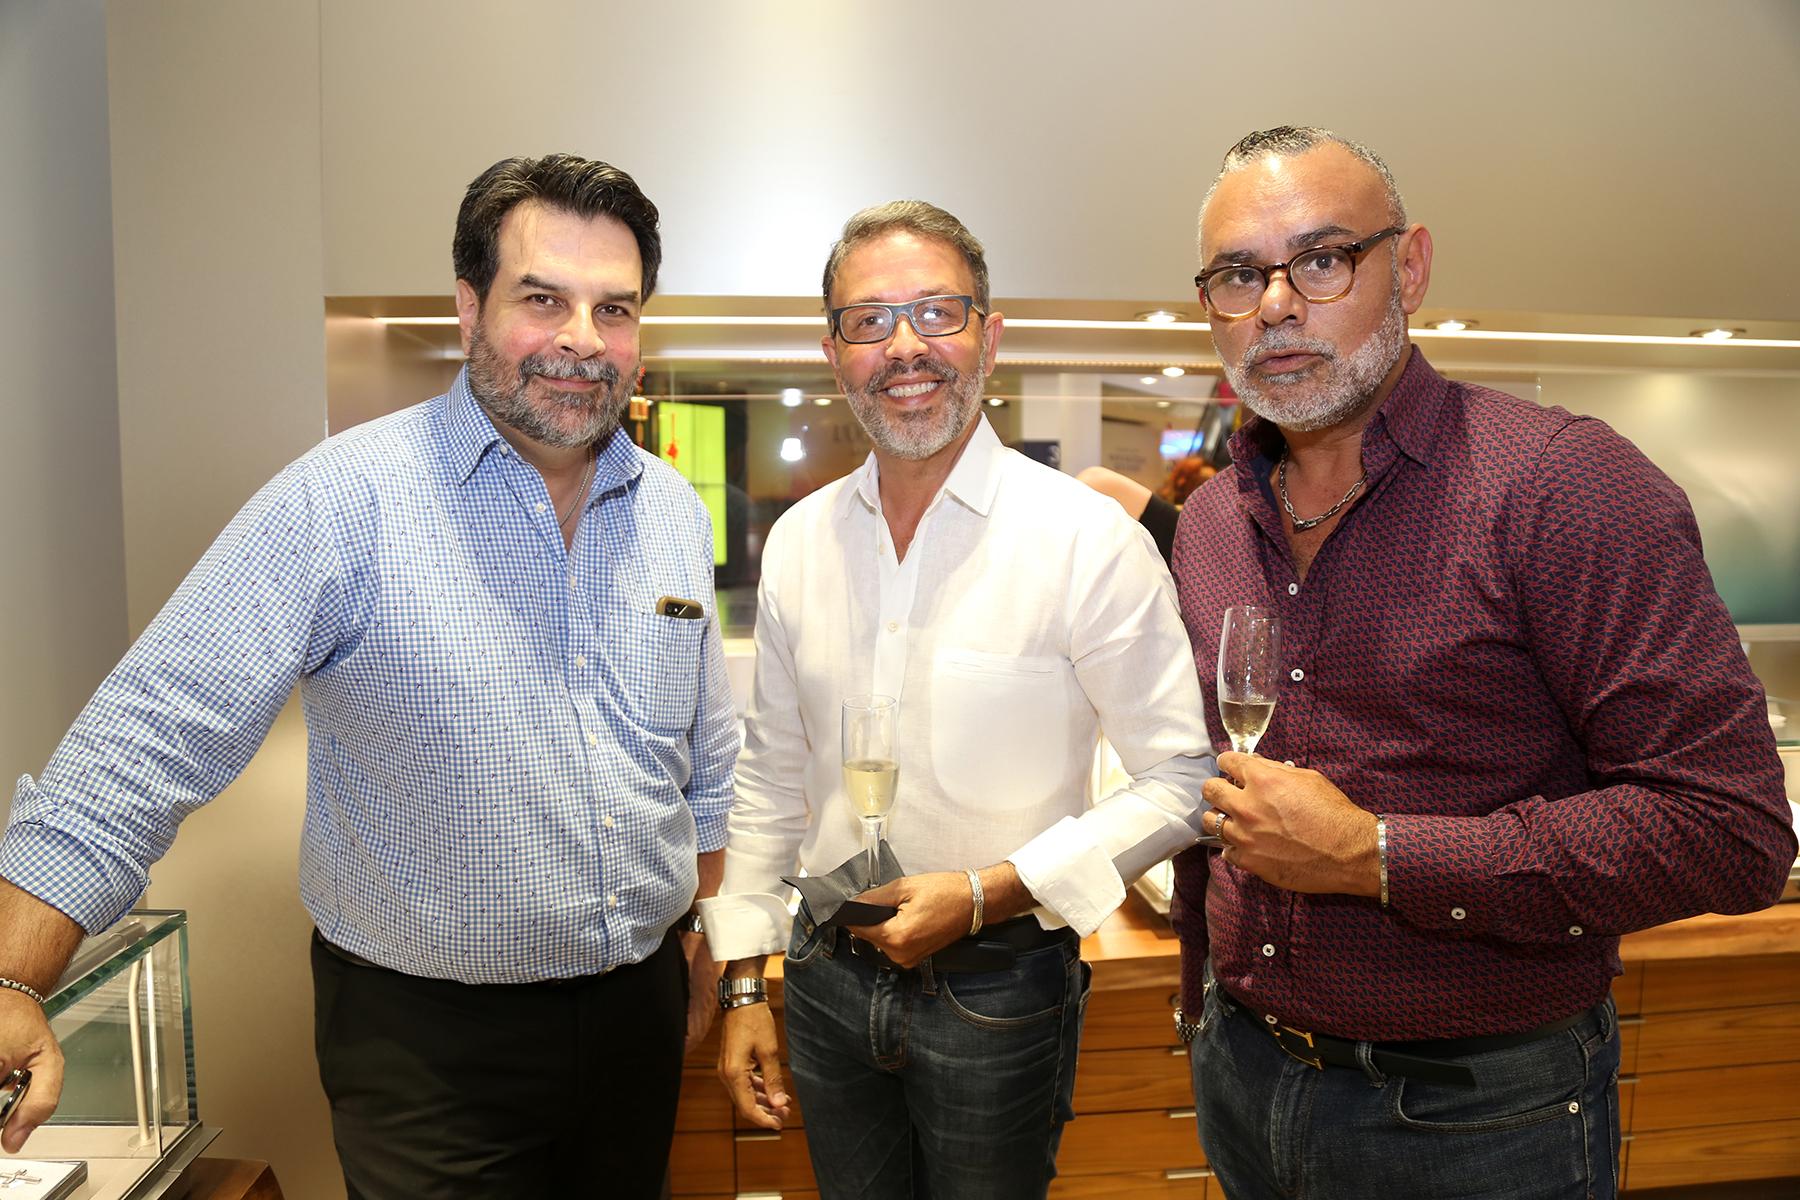 César Toledo, Wilfredo Marrero, Esteban Serrano. (Nichole Saldarriaga)